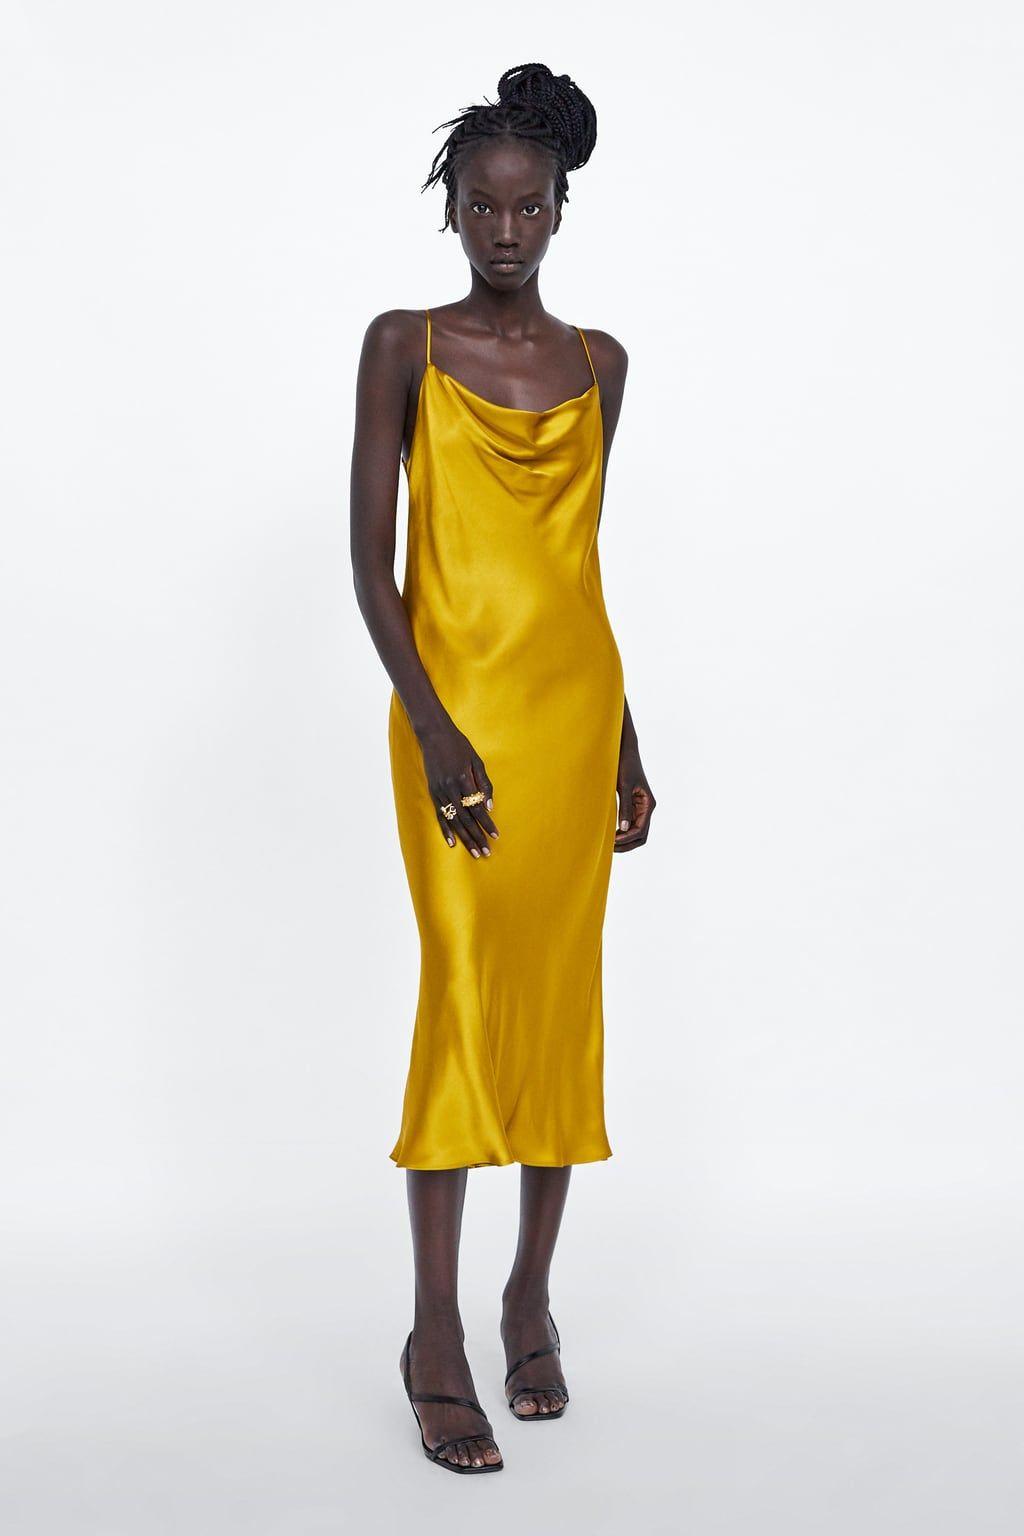 VESTIDO TIRANTES   Damen abendkleider, Zara damen, Kleider ...